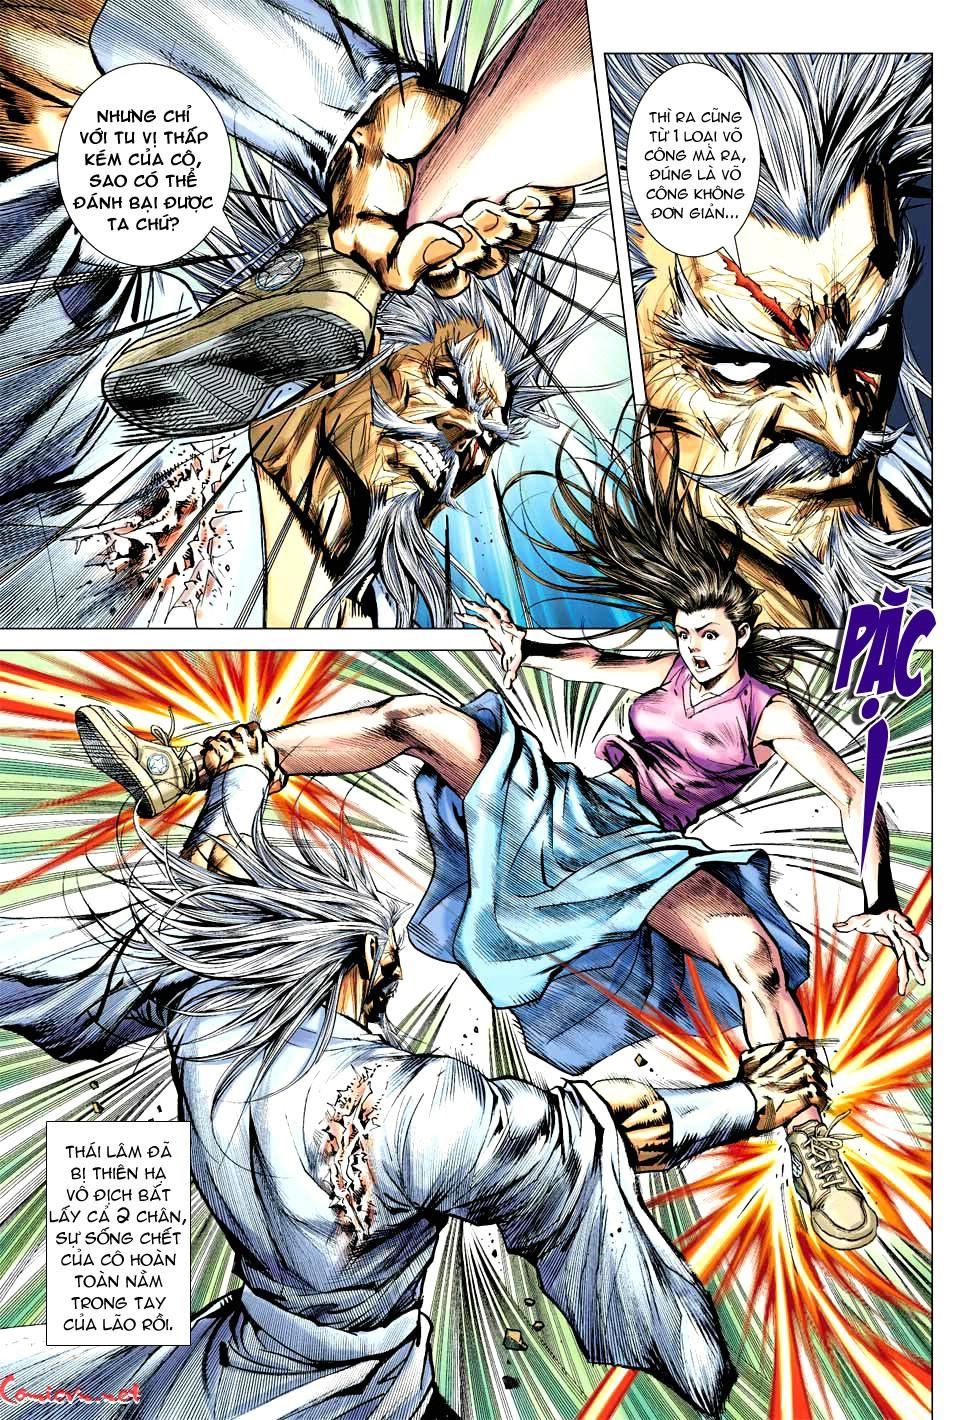 Vương Phong Lôi 1 chap 49 - Trang 14